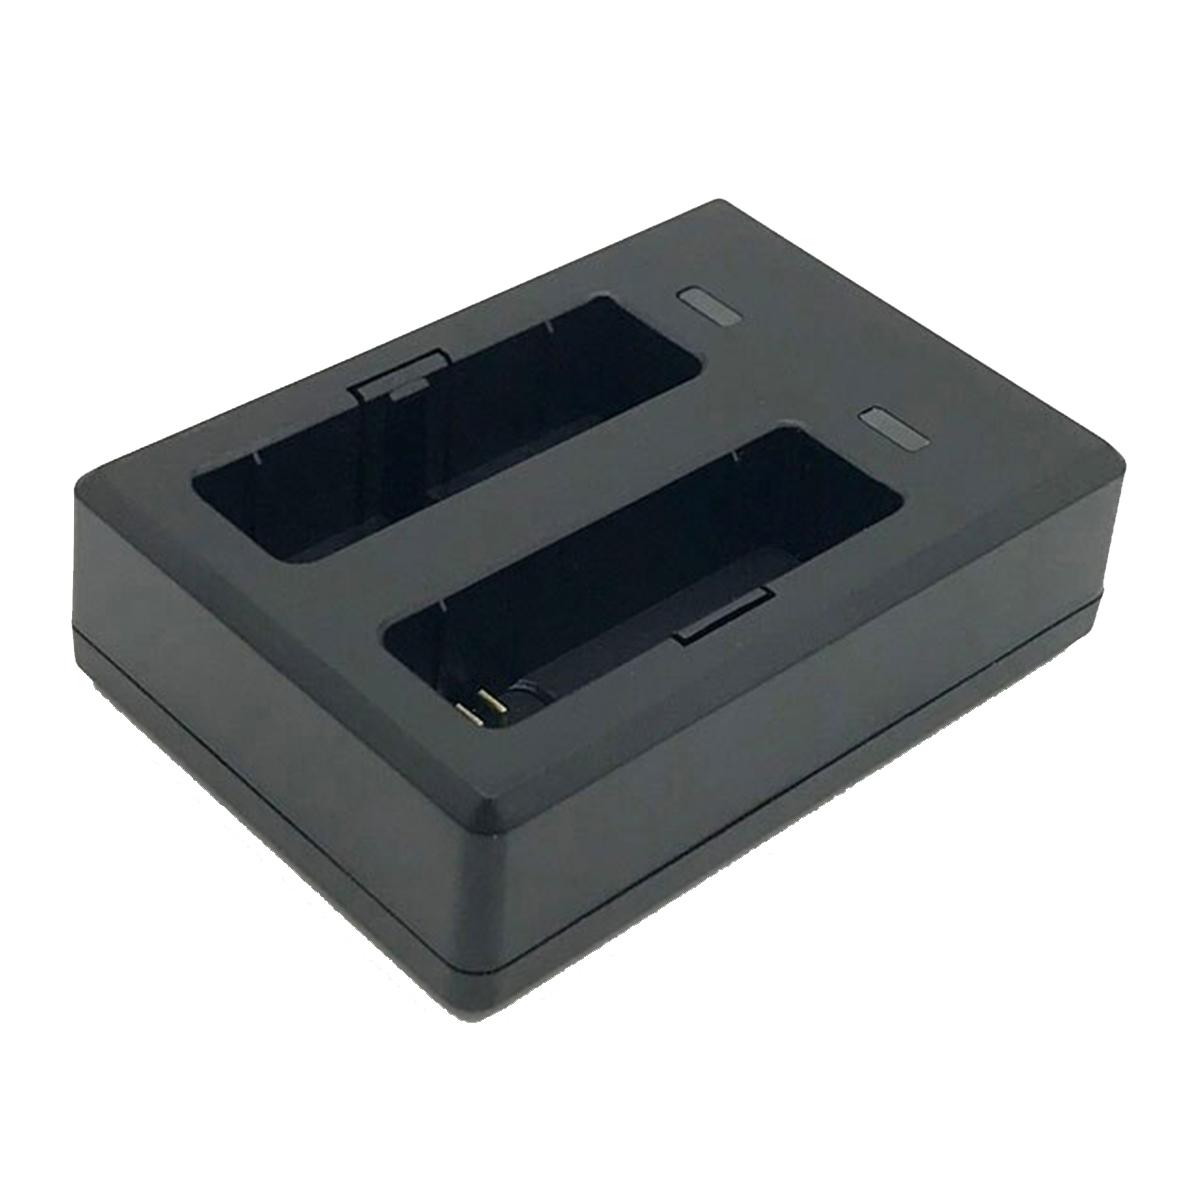 Kit Carregador Duplo com Uma Bateria - SJCAM SJ8